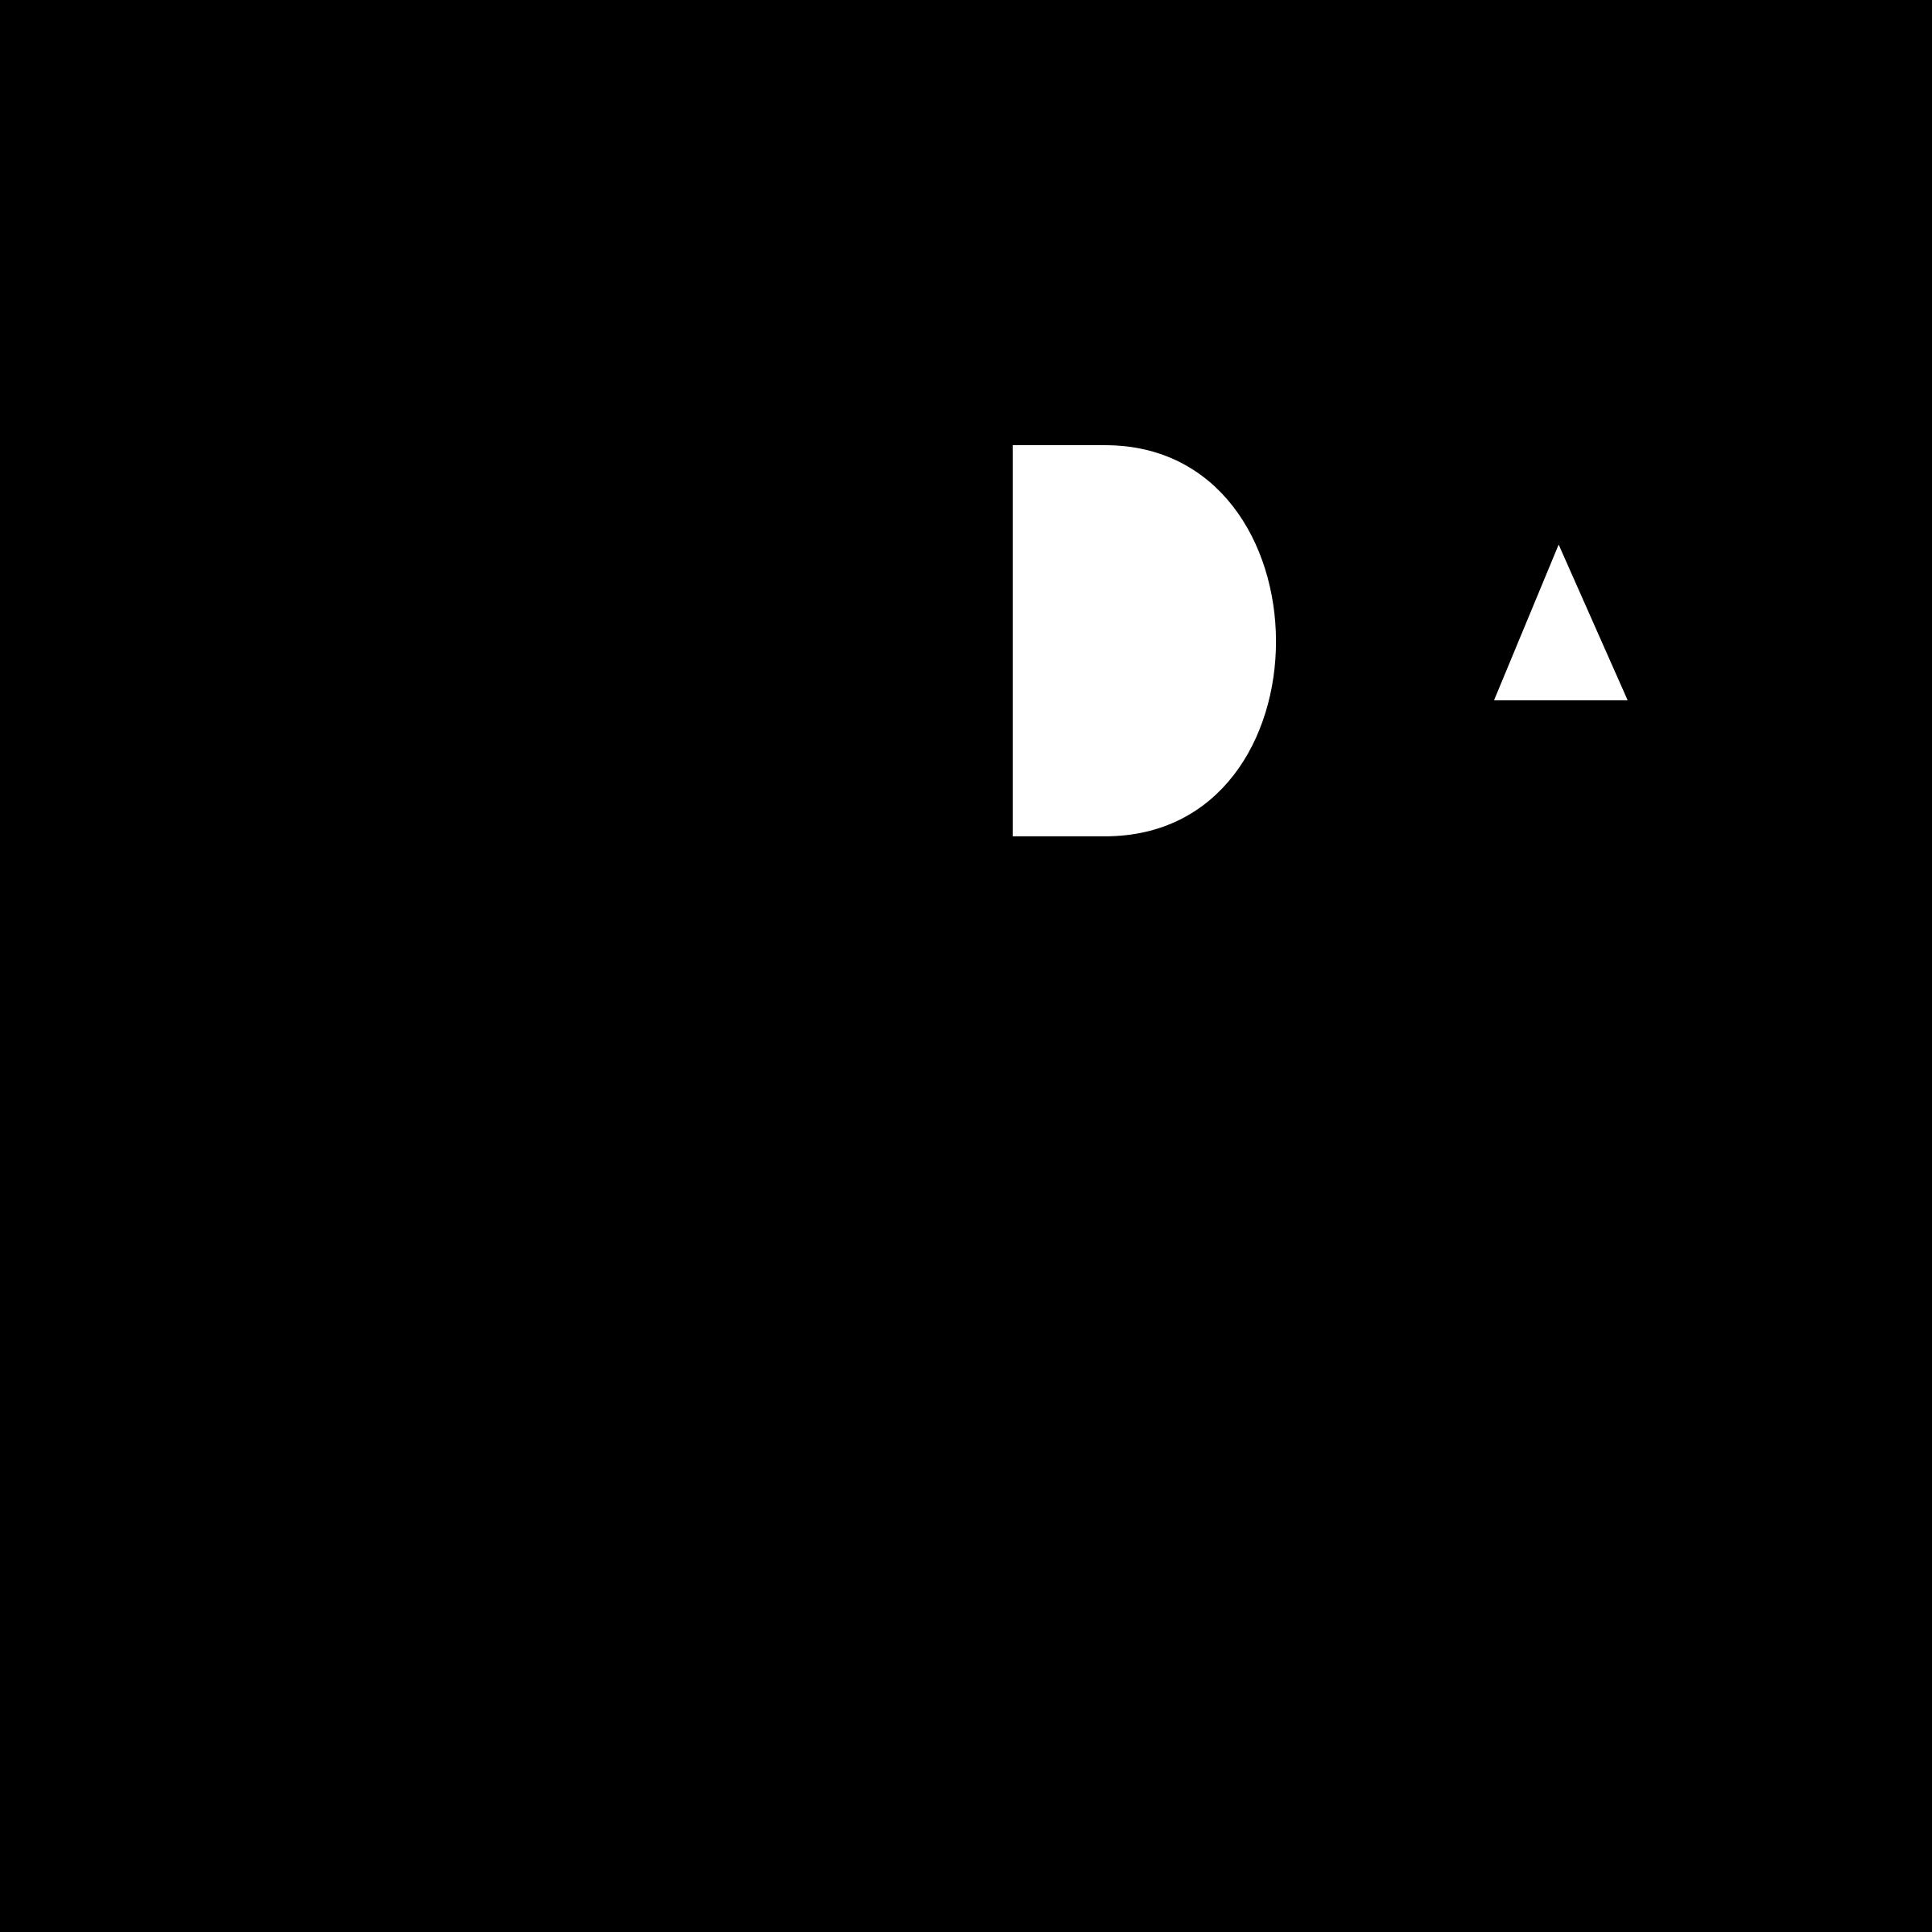 USDA Logo PNG Transparent & SVG Vector.